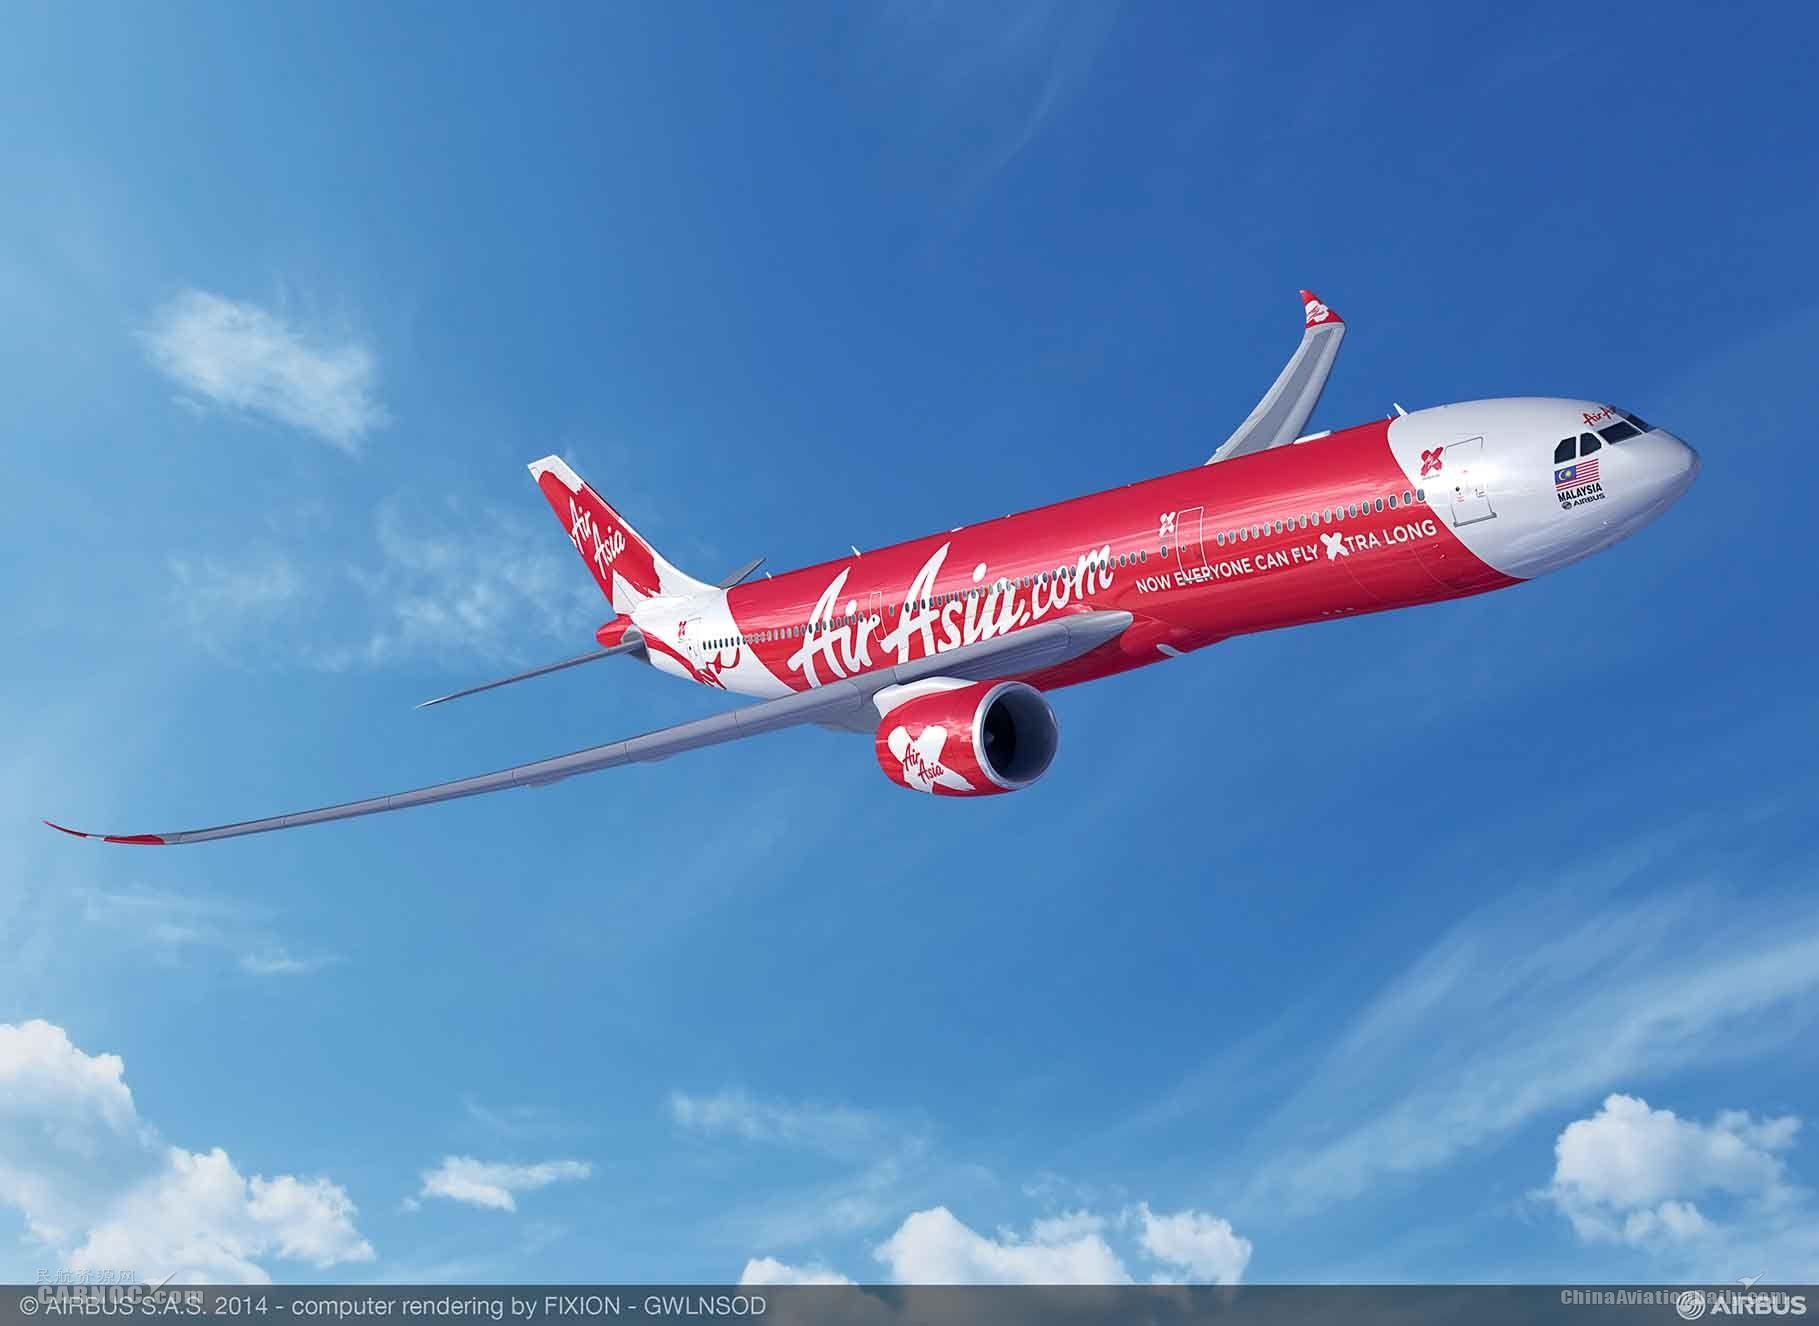 亚洲航空X增购34架空客A330neo飞机